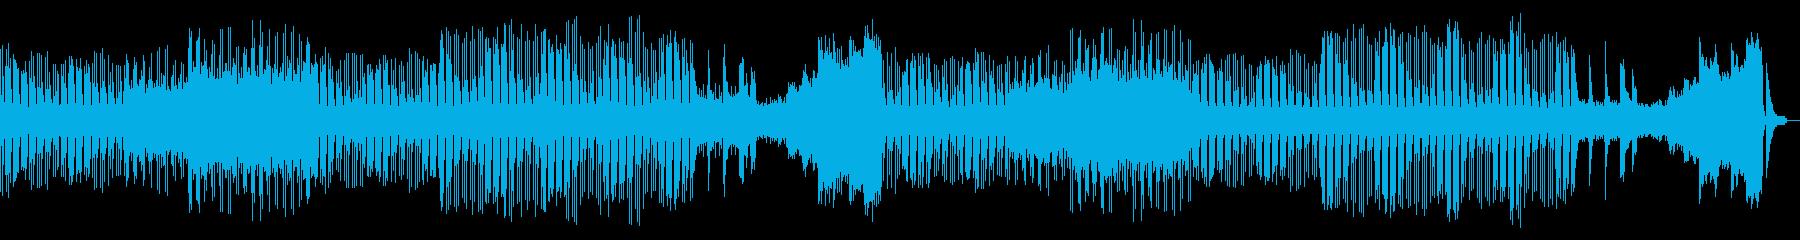 ピアノとストリングスの緊張感を感じる曲の再生済みの波形